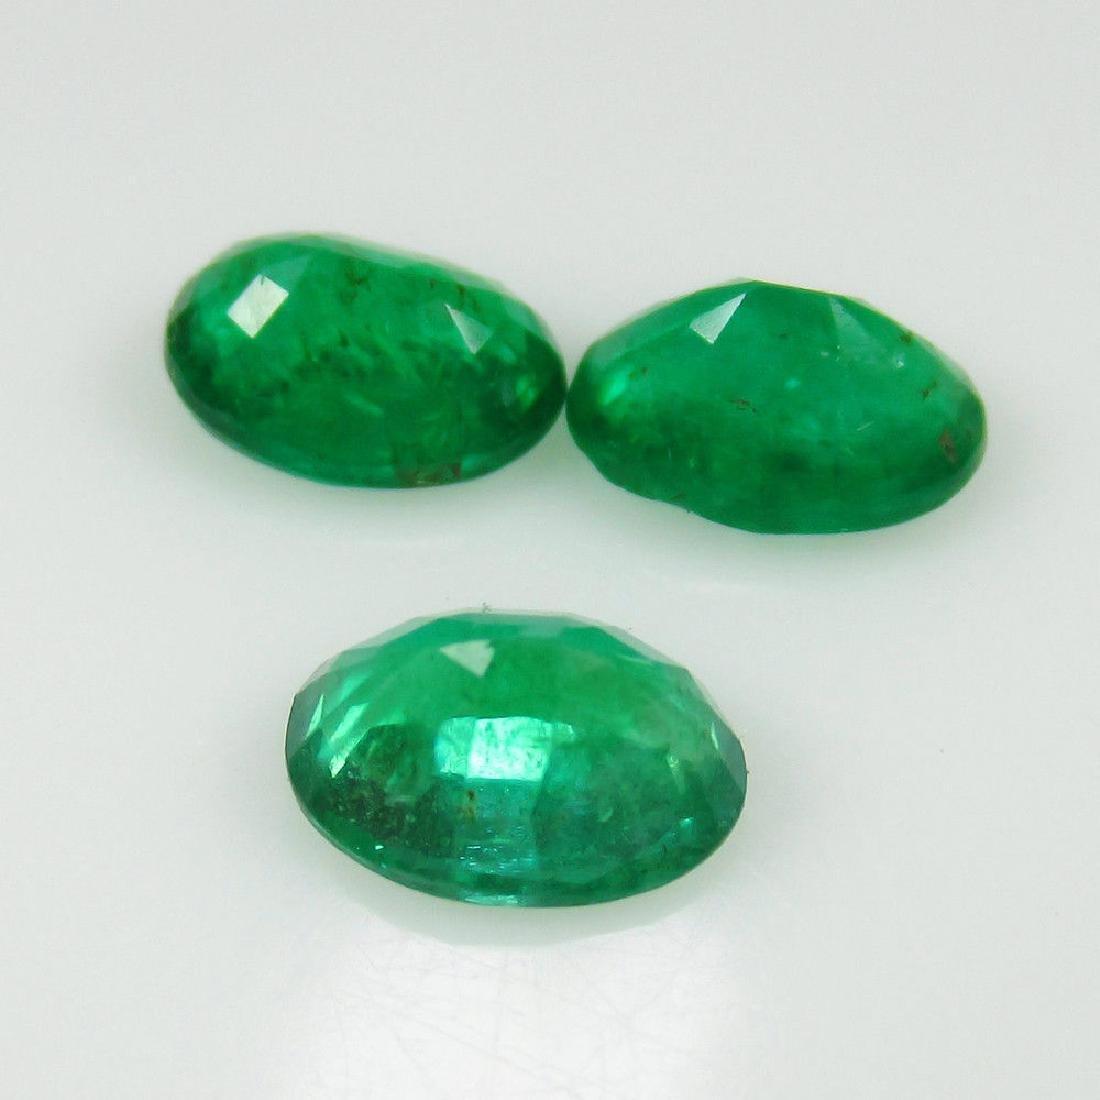 2.11 Ct Genuine Zambian Emerald 7X5 mm Matching Oval - 2